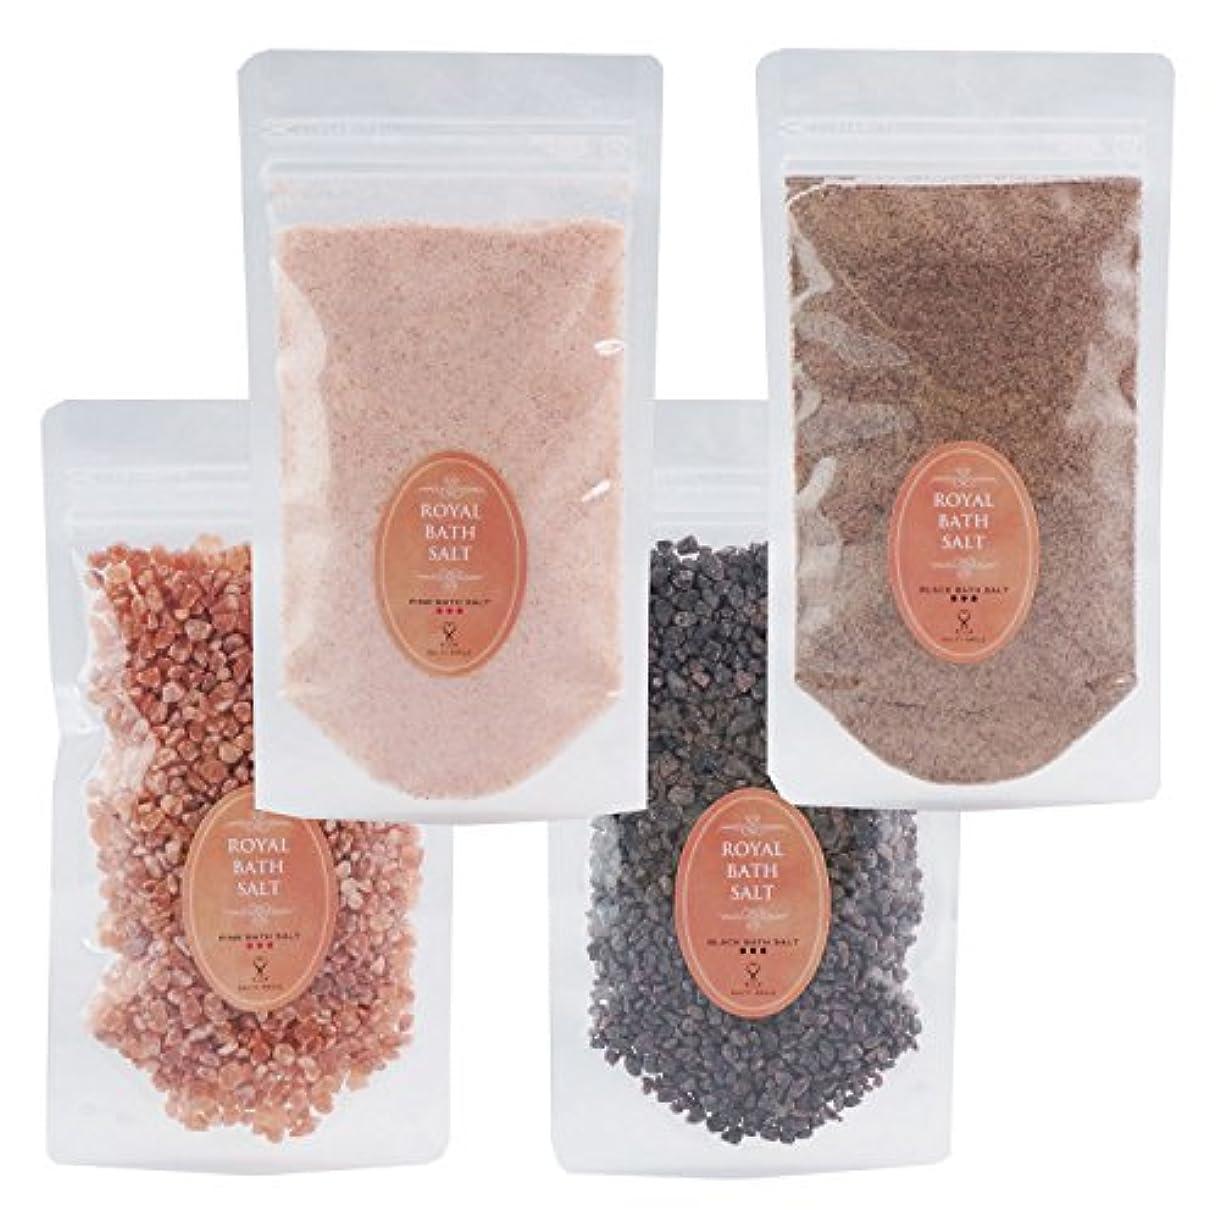 講堂二次保証ロイヤル バスソルト ヒマラヤ岩塩 ピンク ブラック パウダー グレイン 各200g 細粒 粗粒 ROYAL BATH SALT